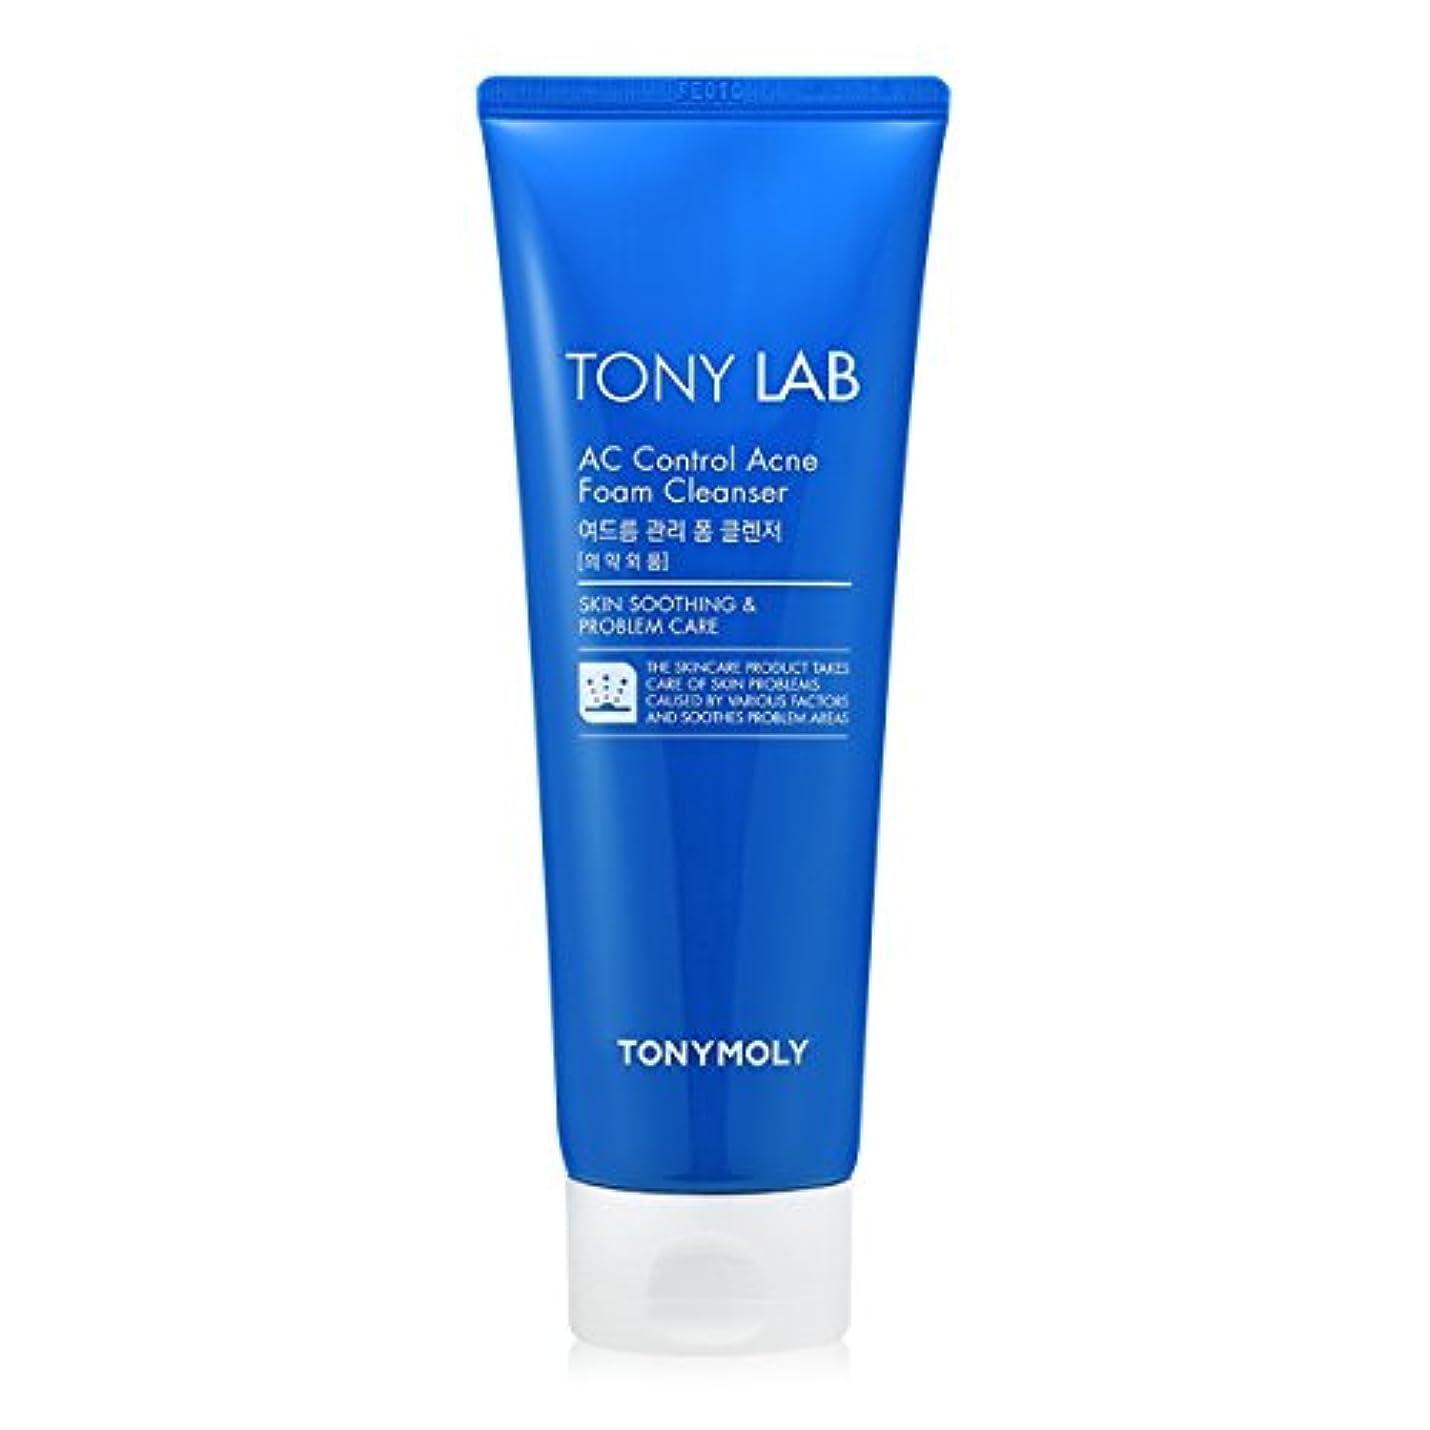 聖職者プロット機動[New] TONYMOLY Tony Lab AC Control Acne Foam Cleanser 150ml/トニーモリー トニー ラボ AC コントロール アクネ フォーム クレンザー 150ml [並行輸入品]